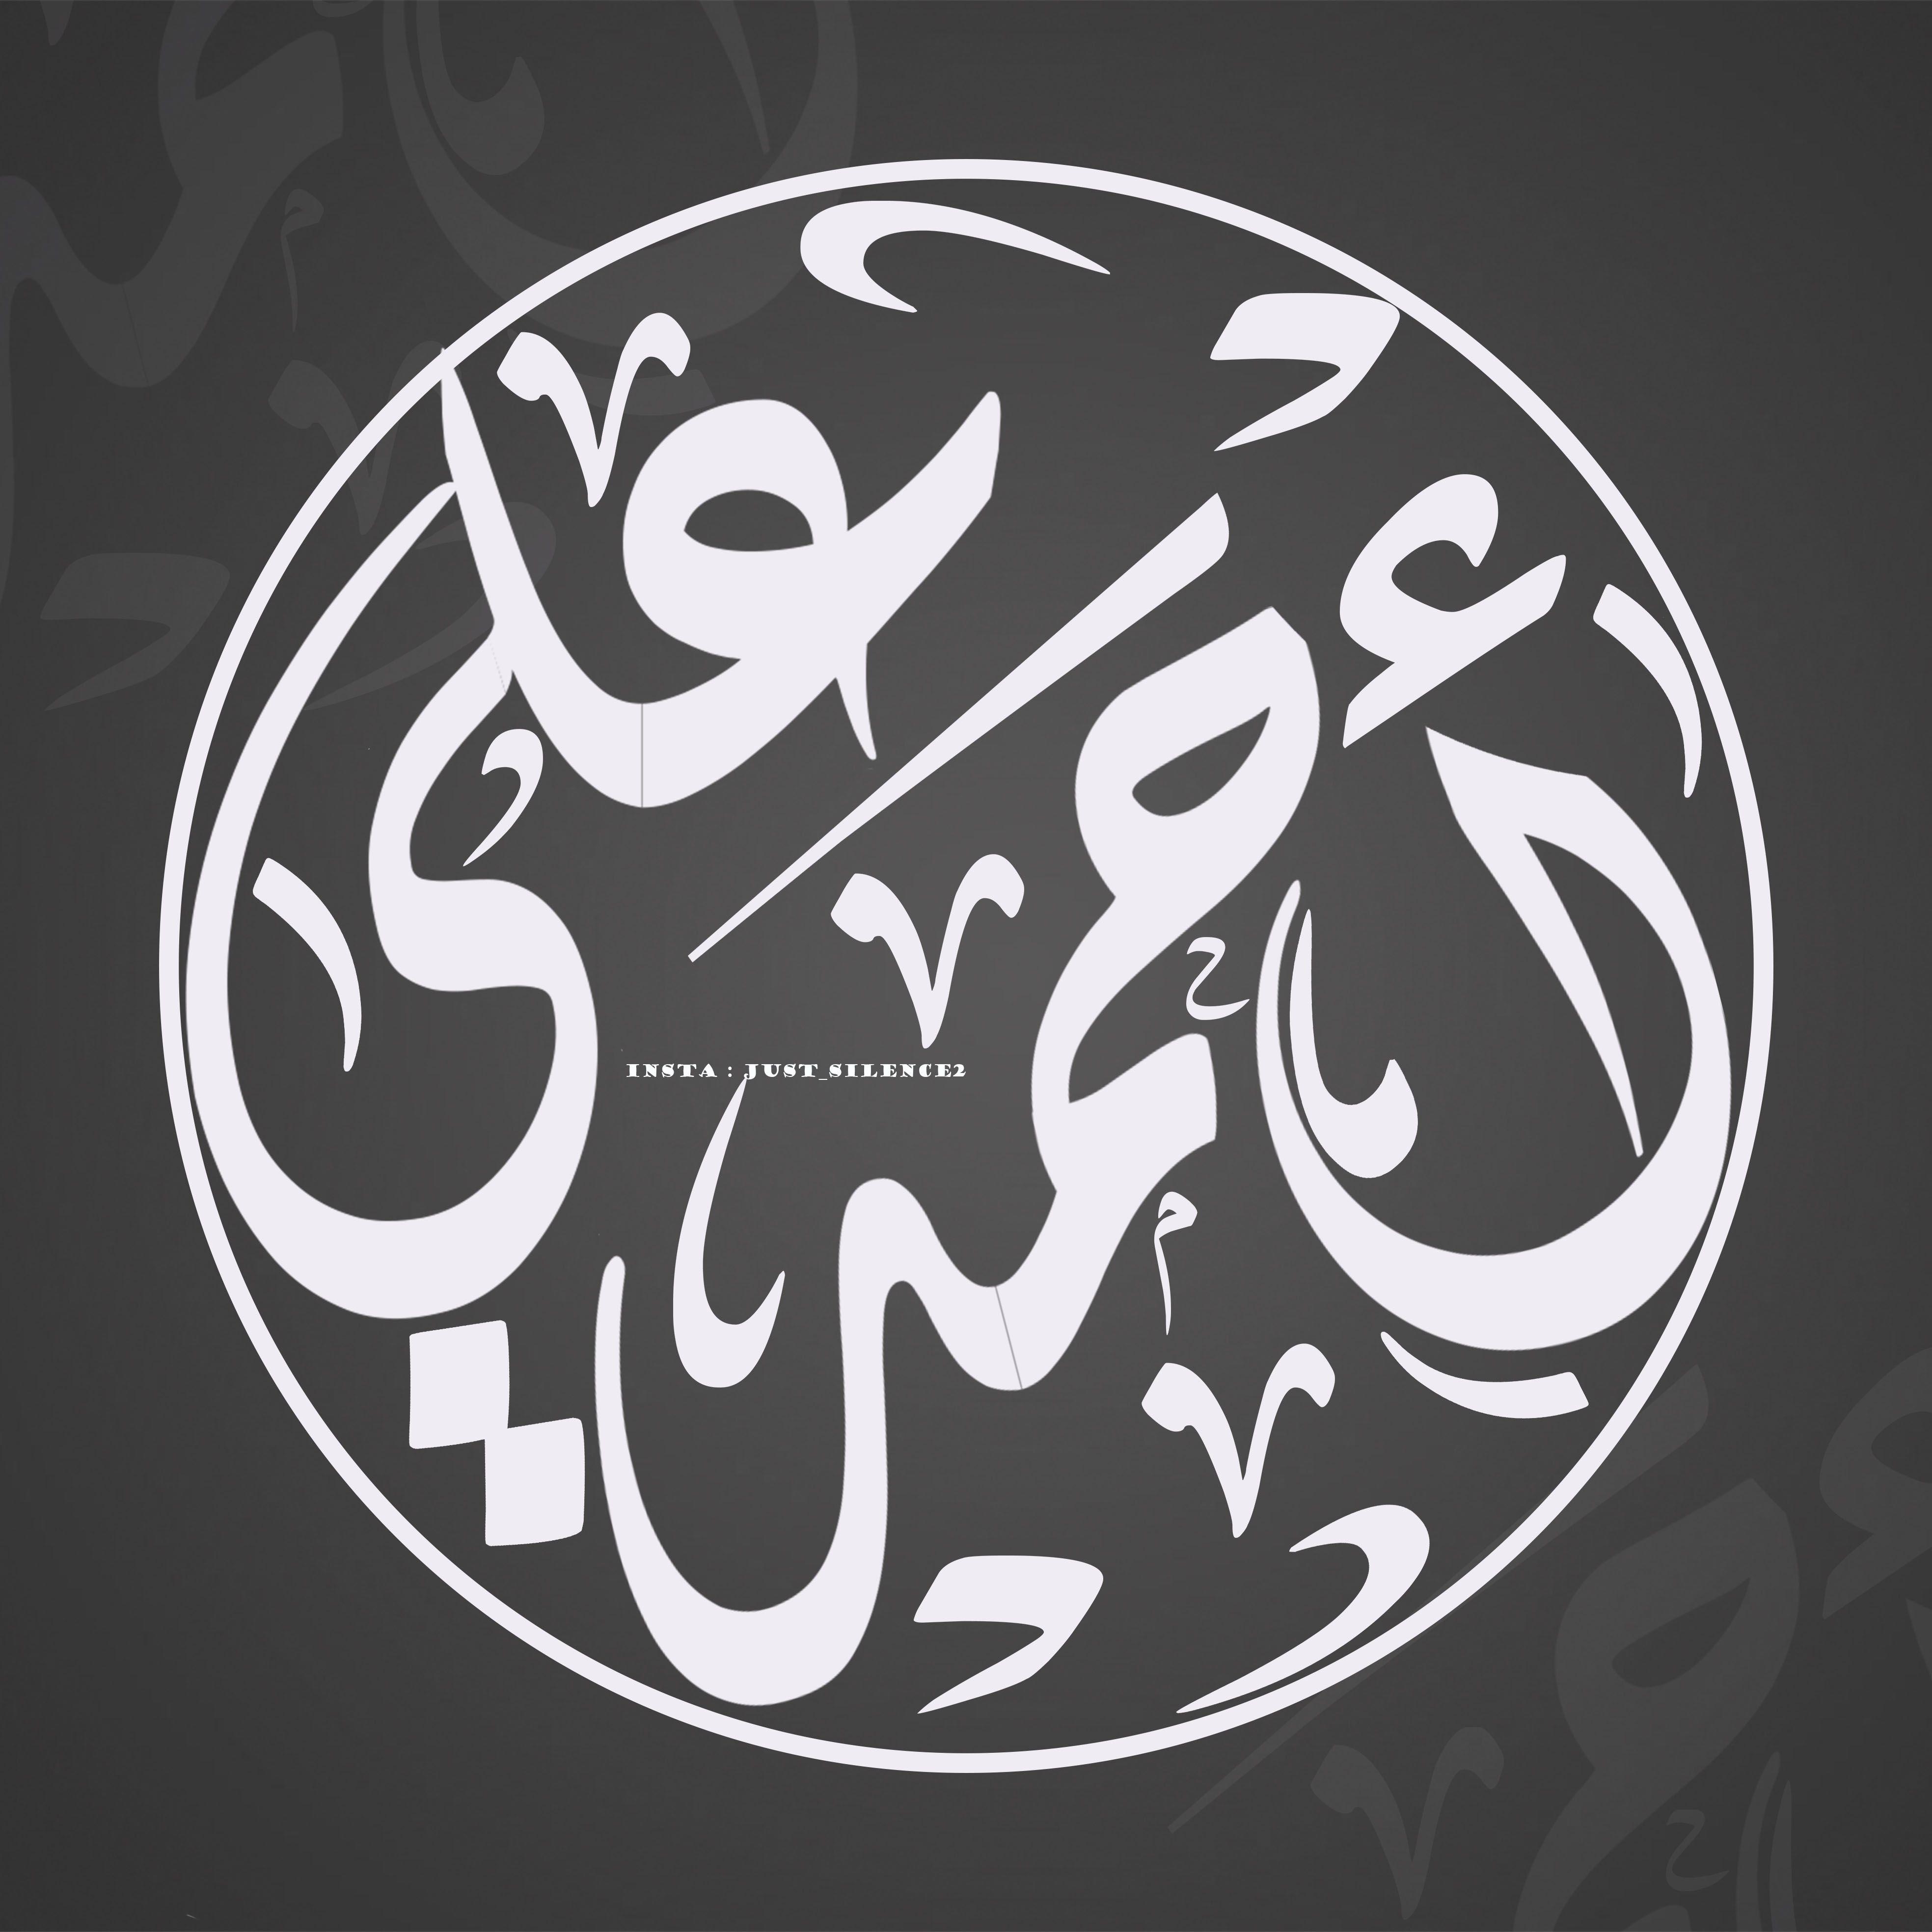 Pin By مخطوطات On مخطوطة خط عربي احمد علي Beautiful Arabic Words Arabic Words Calligraphy